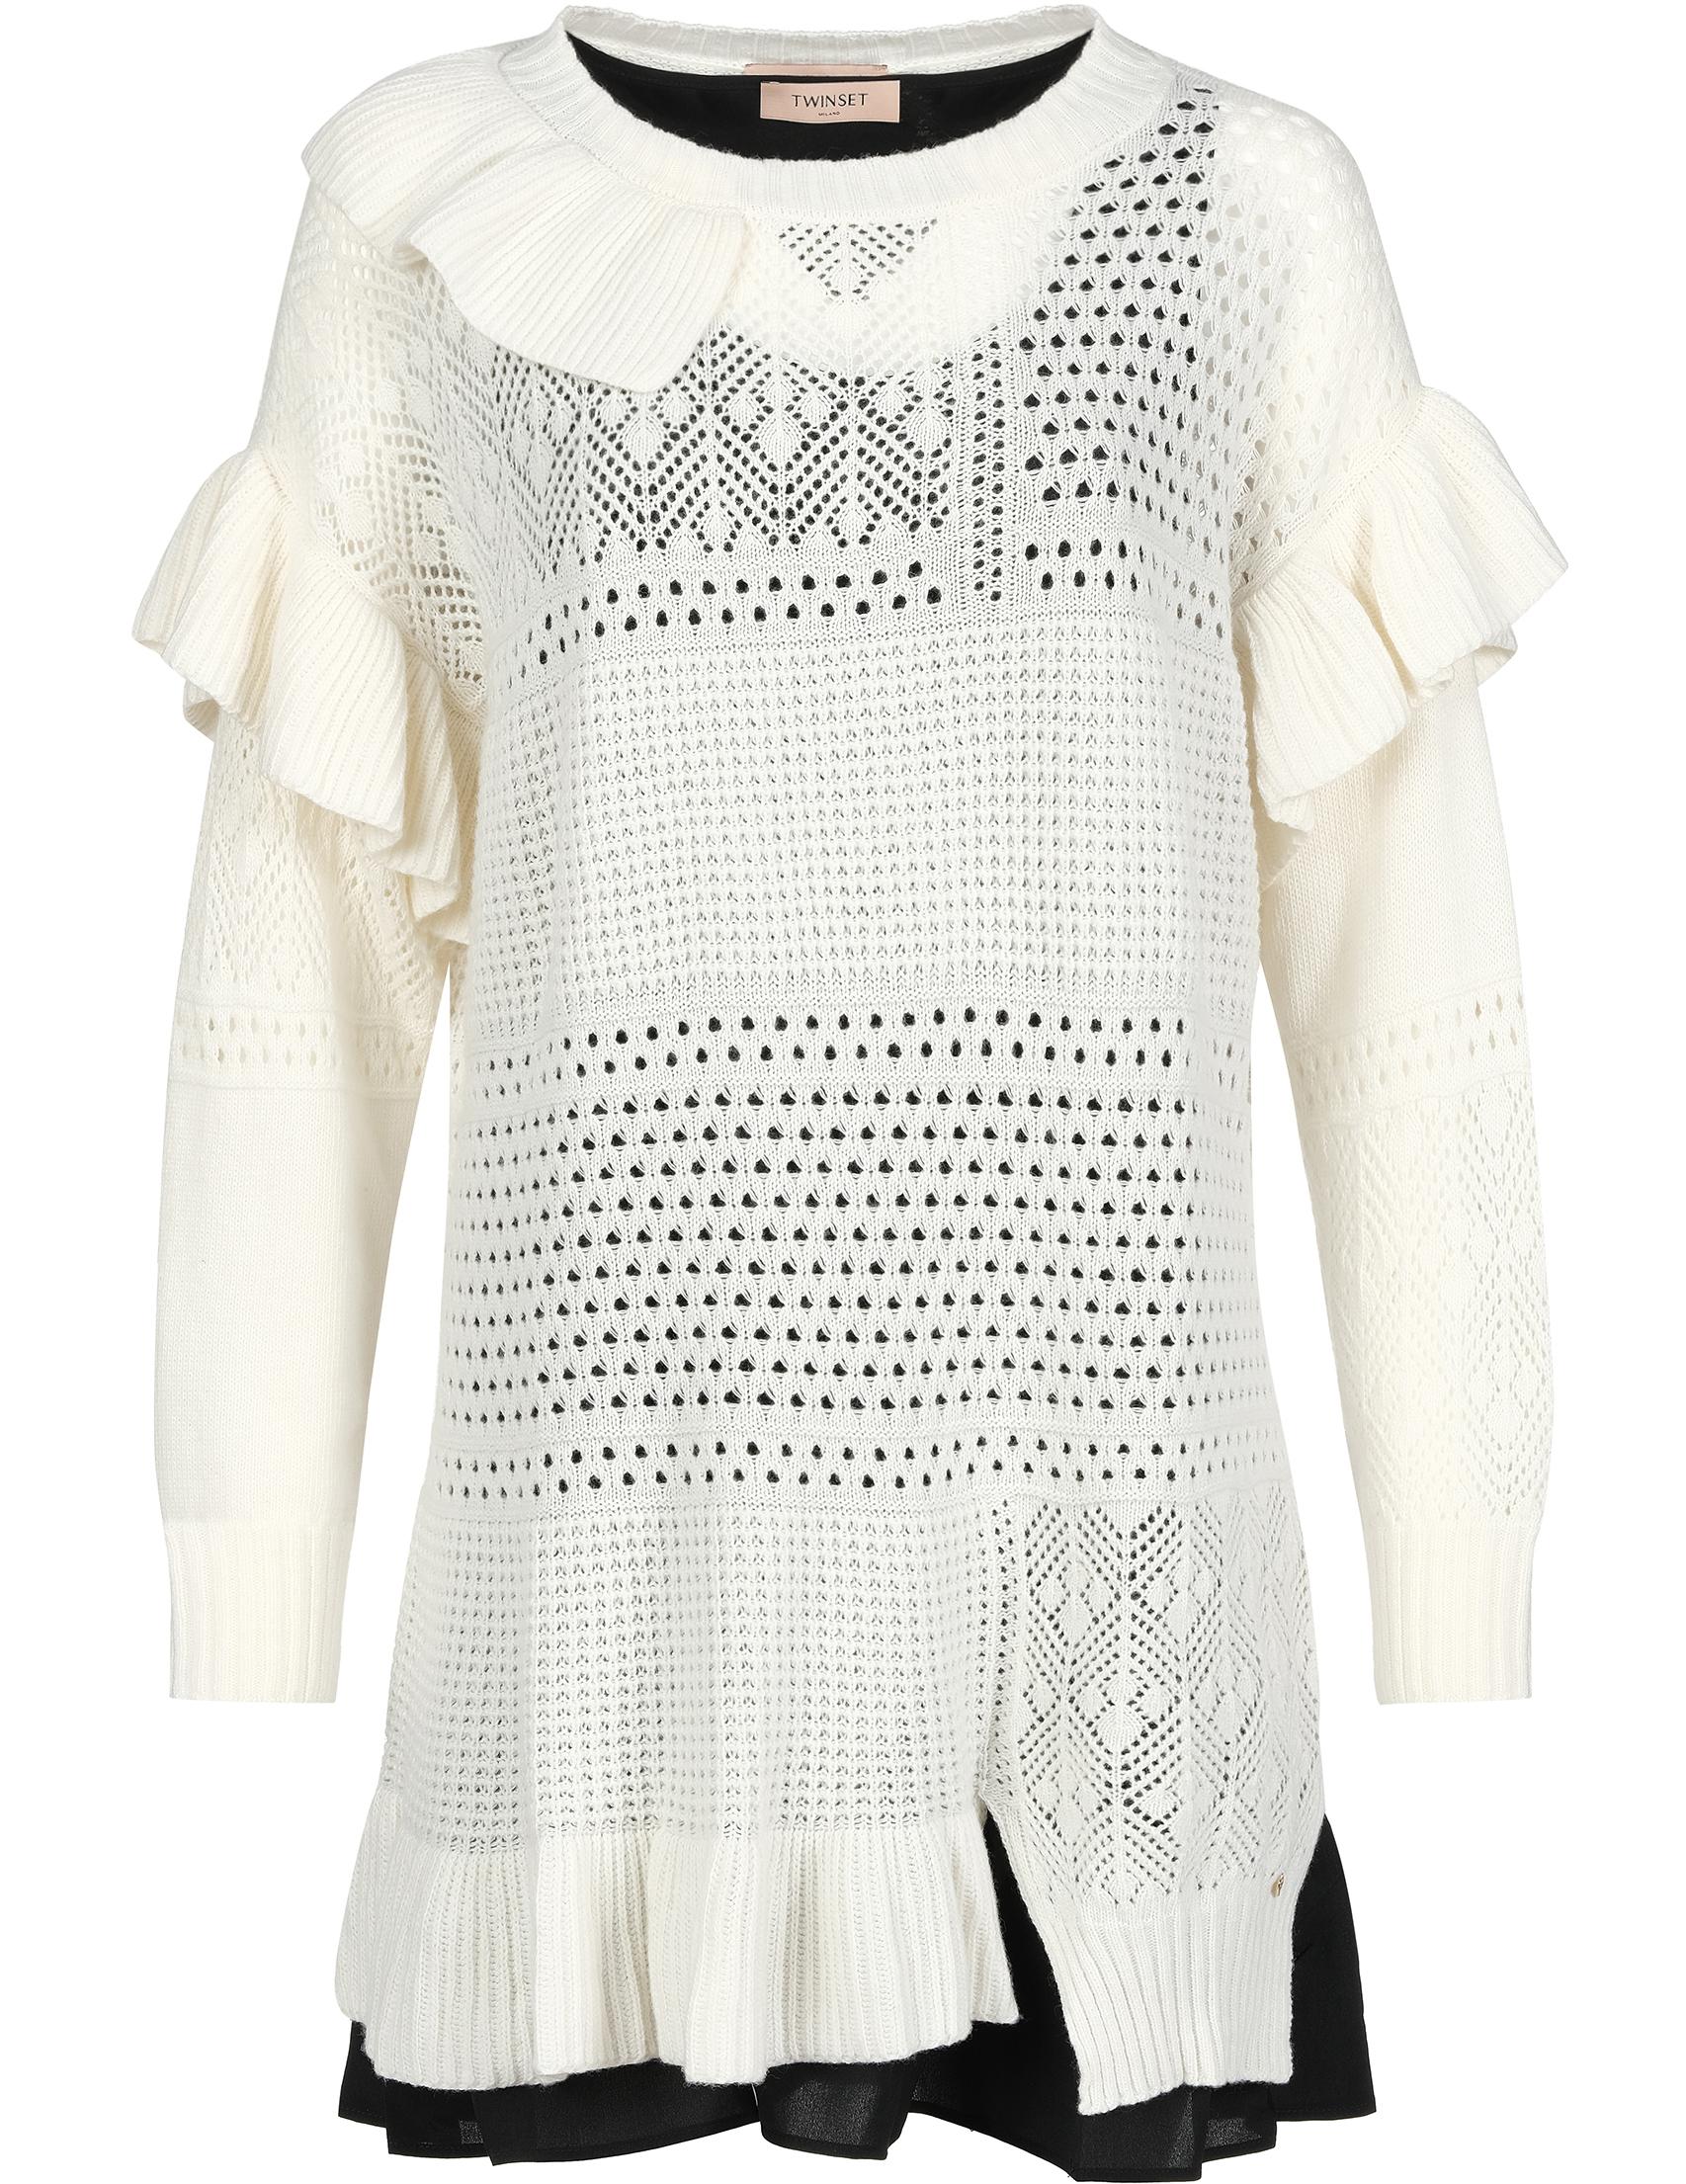 Купить Платья, Платье, TWIN-SET, Белый, 35%Полиамид 30%Вискоза 30%Шерсть 5%Кашемир;100%Полиэстер, Осень-Зима